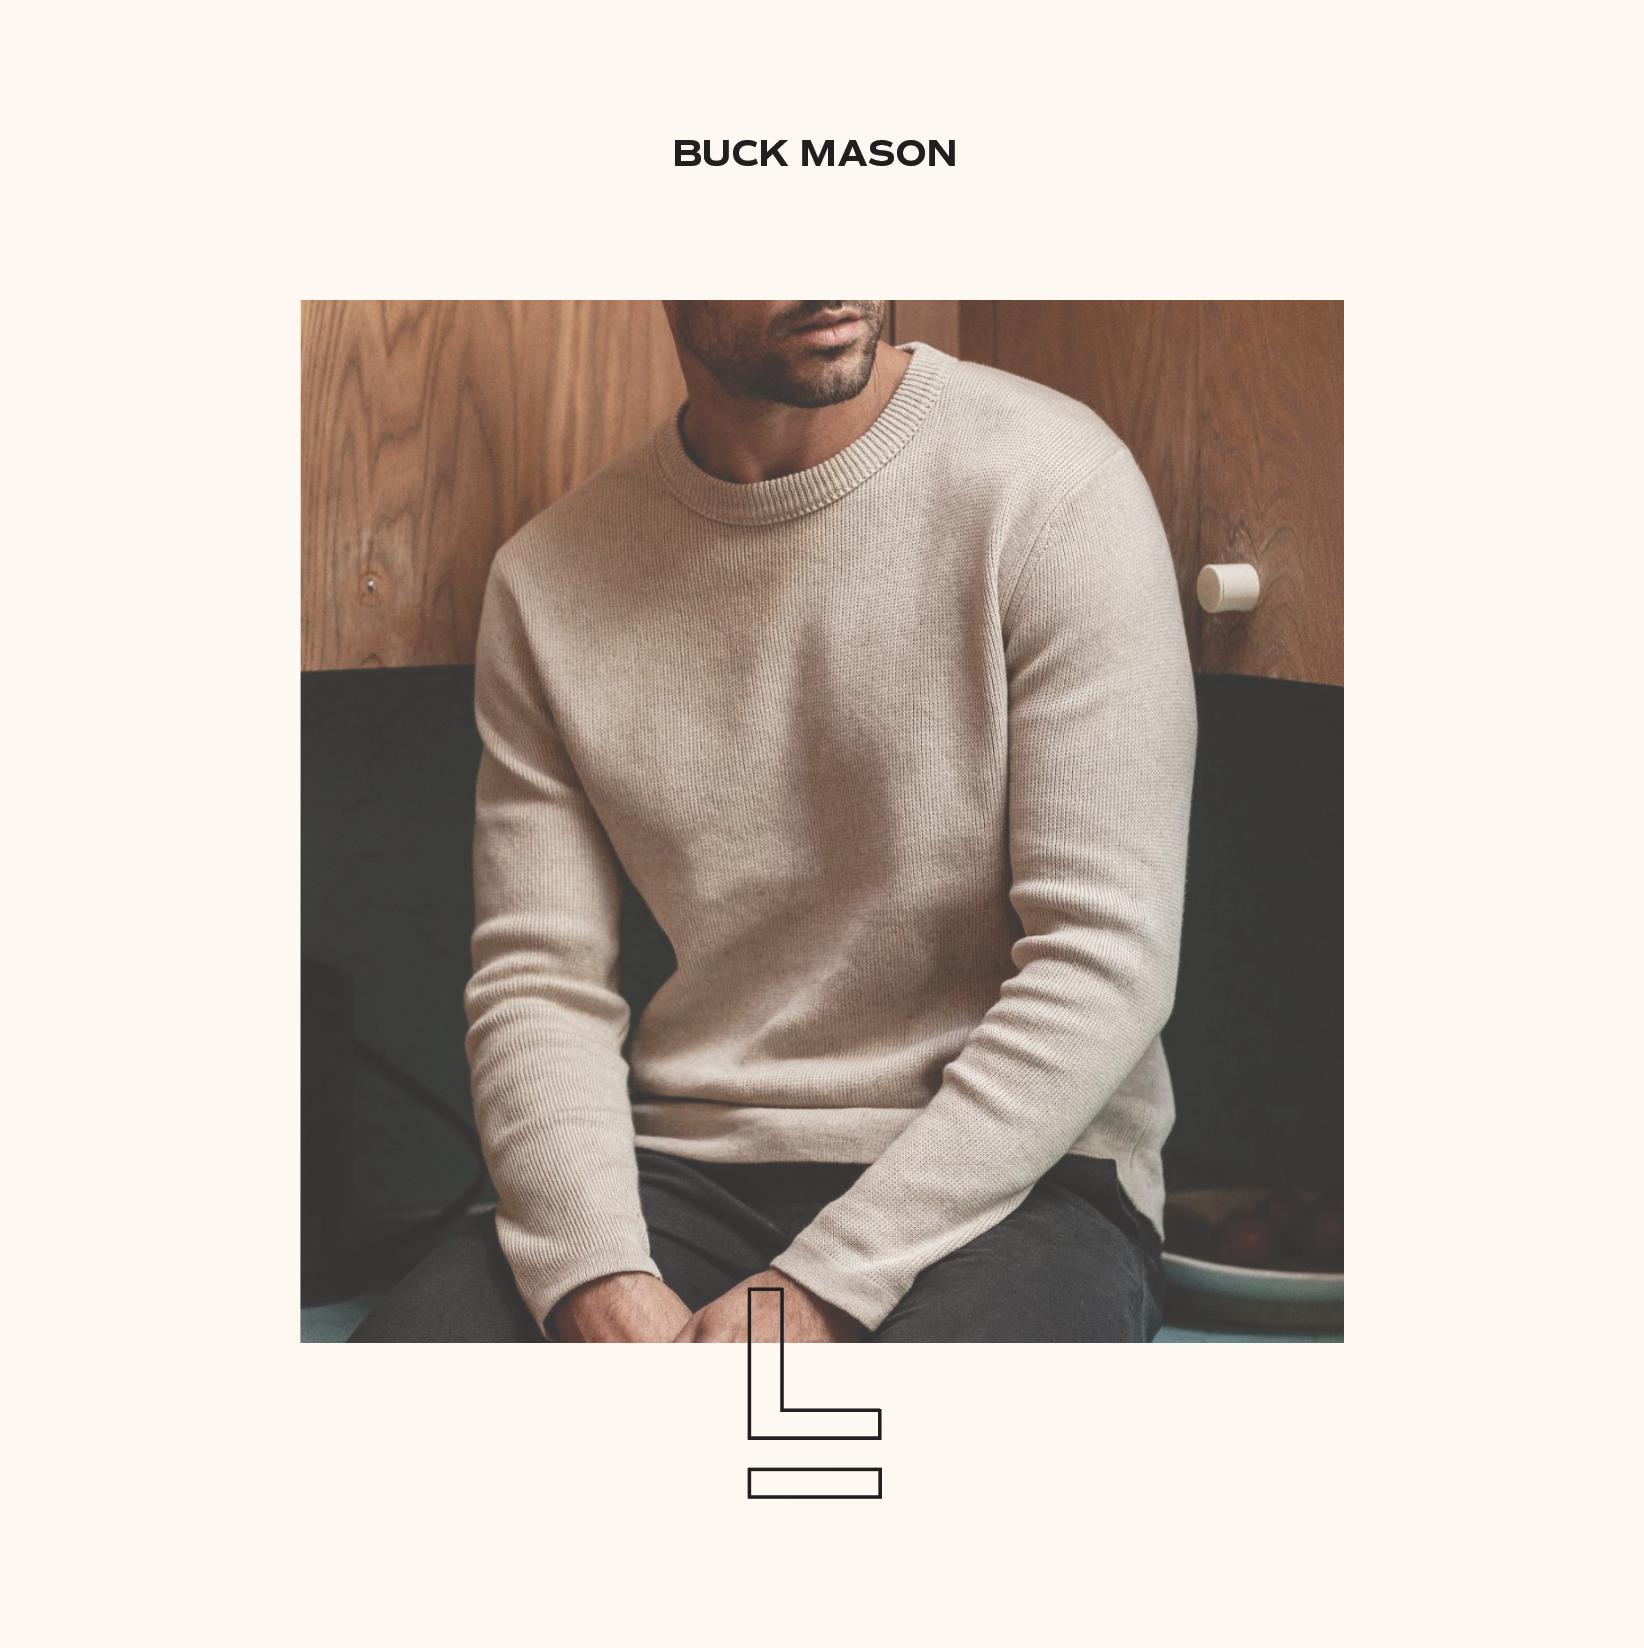 :evitate_Buck-Mason